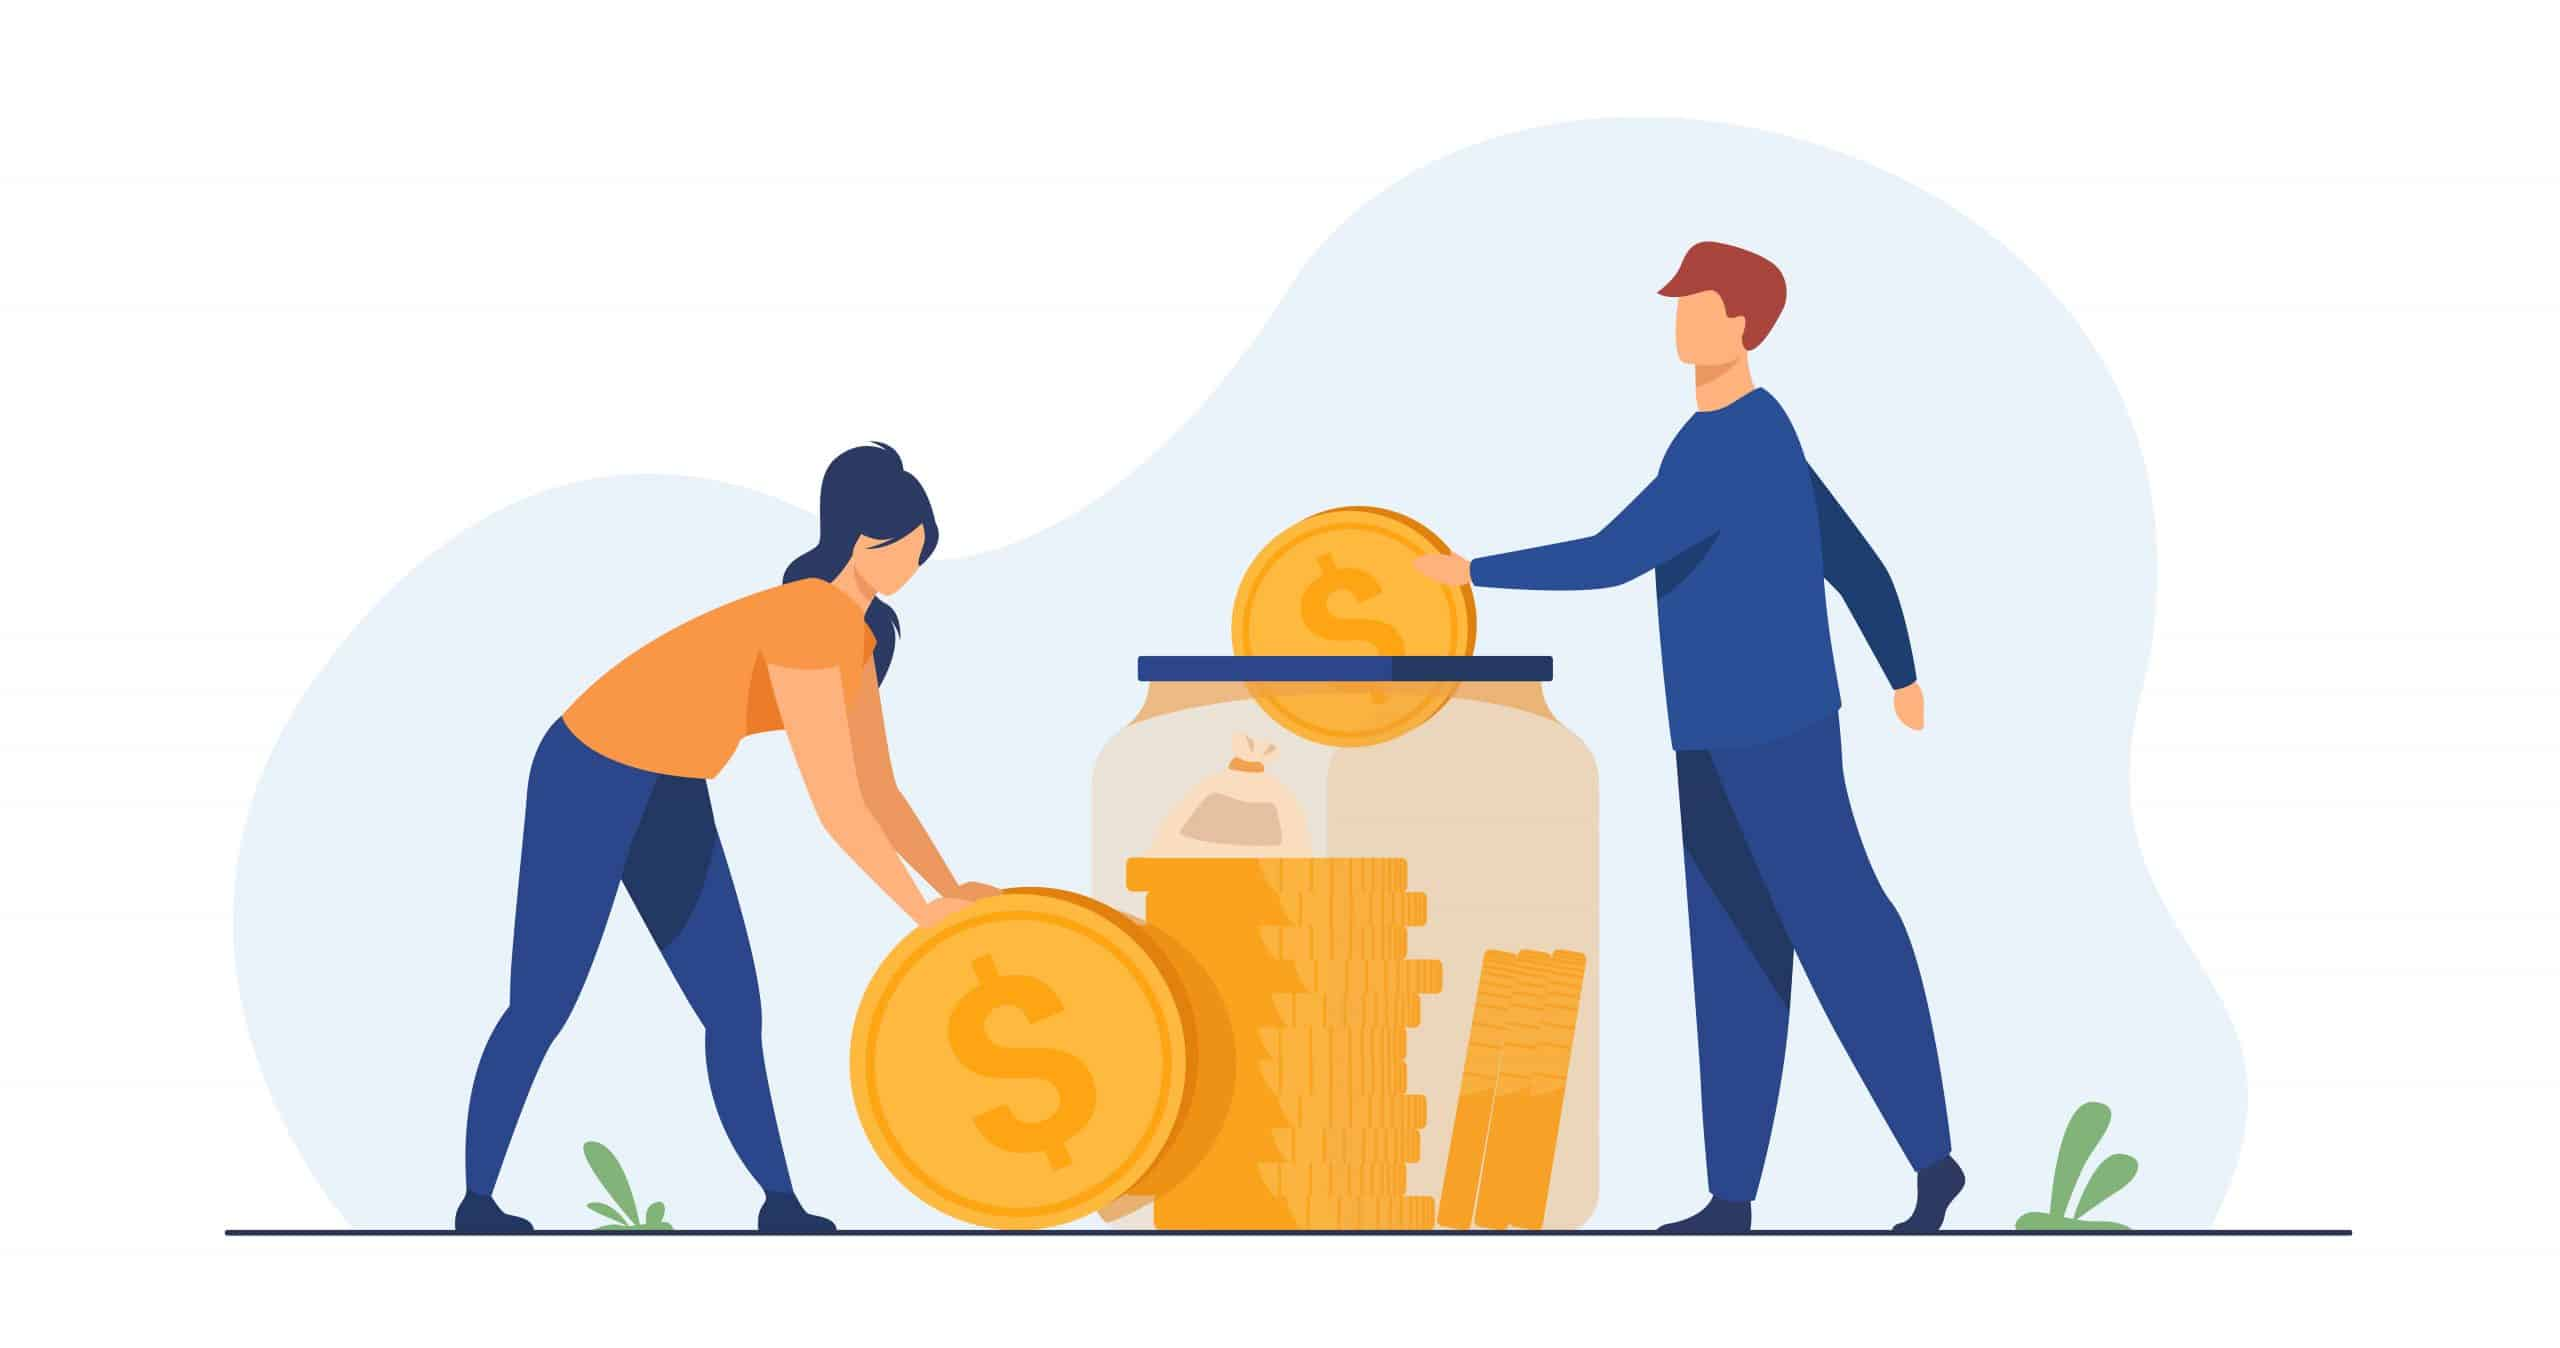 کاهش هزینه جذب مشتری در نرخ تبدیل